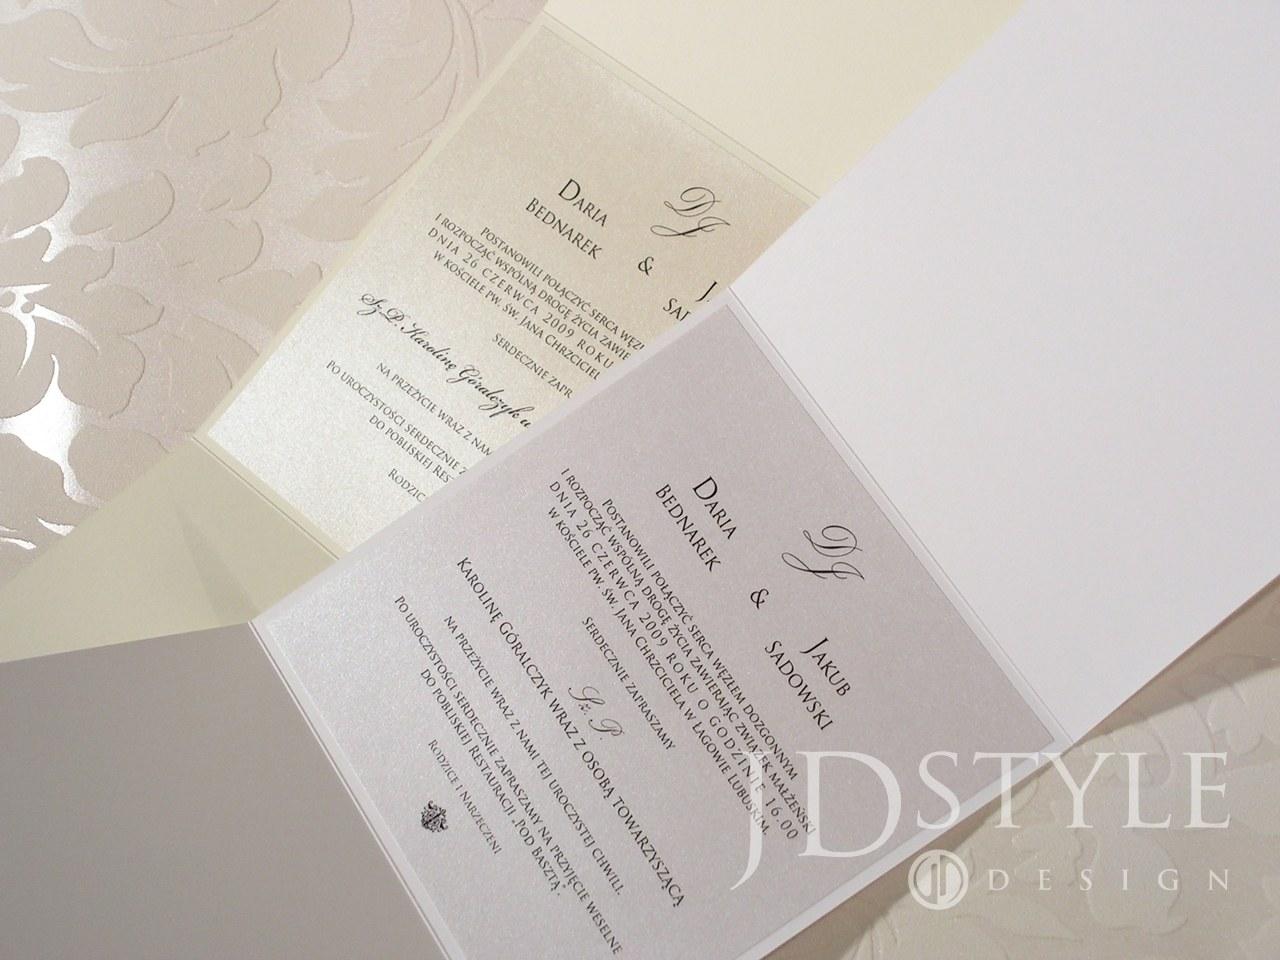 Dwa zaproszenia, jedno na papierze ecru, drugie na papierze białym